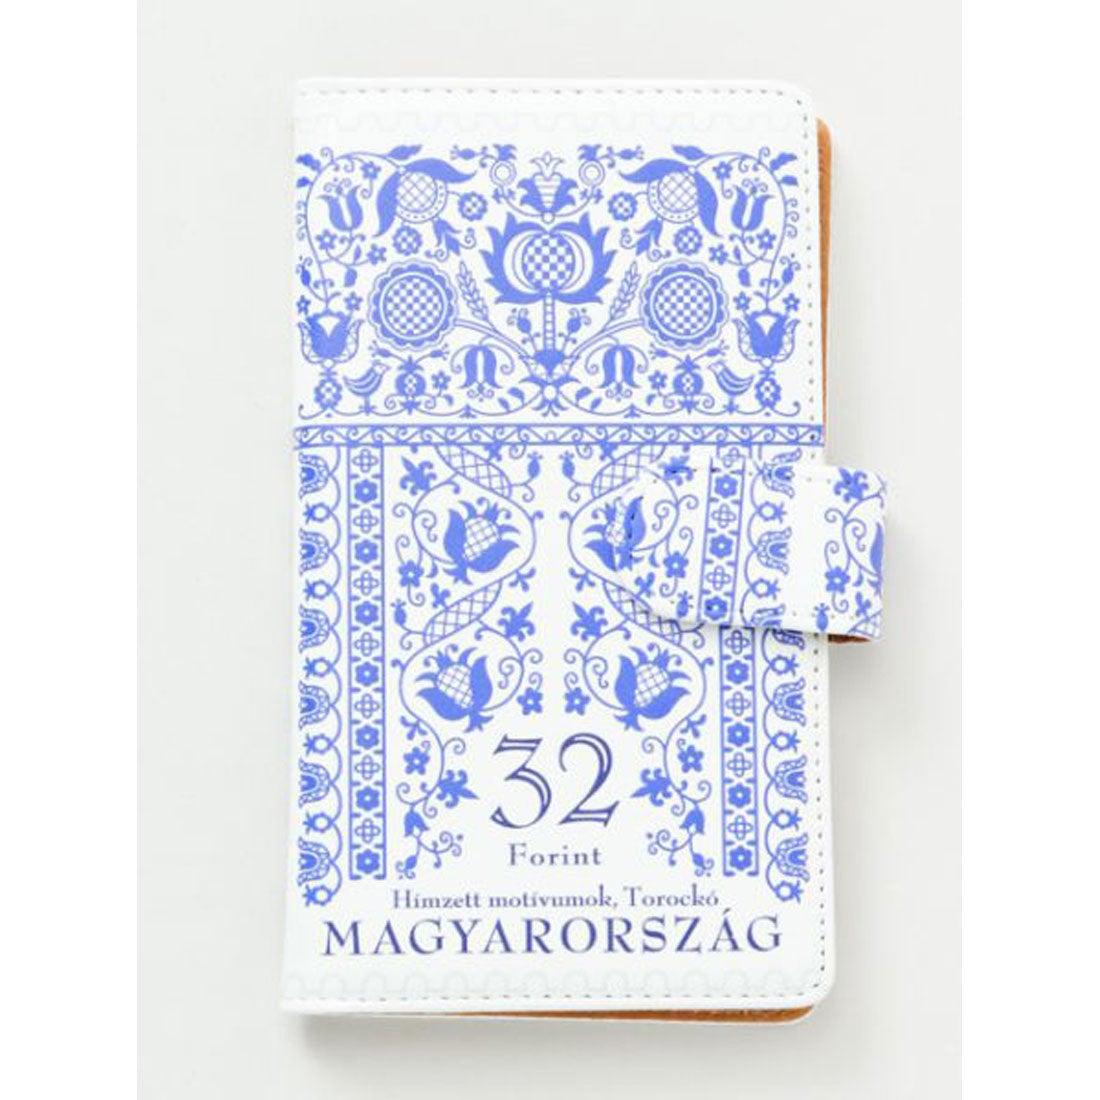 【欧州航路】多機種対応 手帳型スマートフォンケースLサイズ ハンガリー切手 ブルー